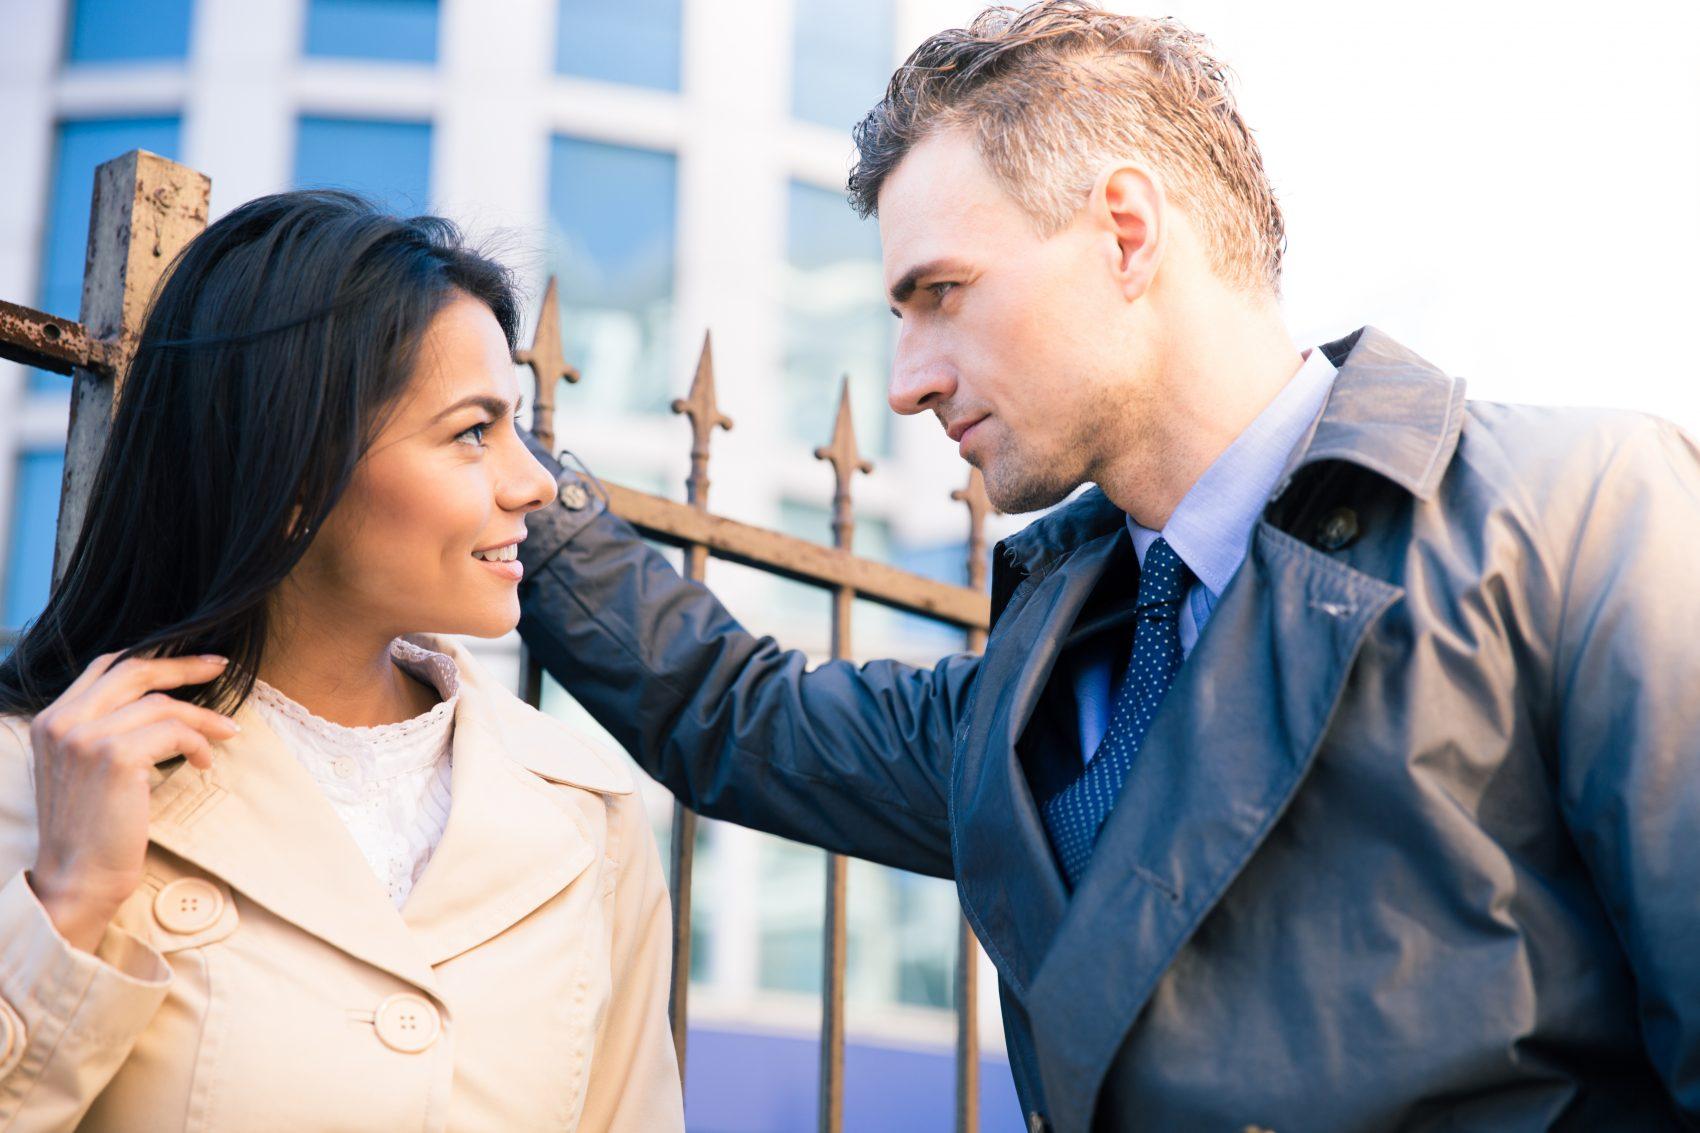 Лайфхак: как скрыть от жены любовницу?